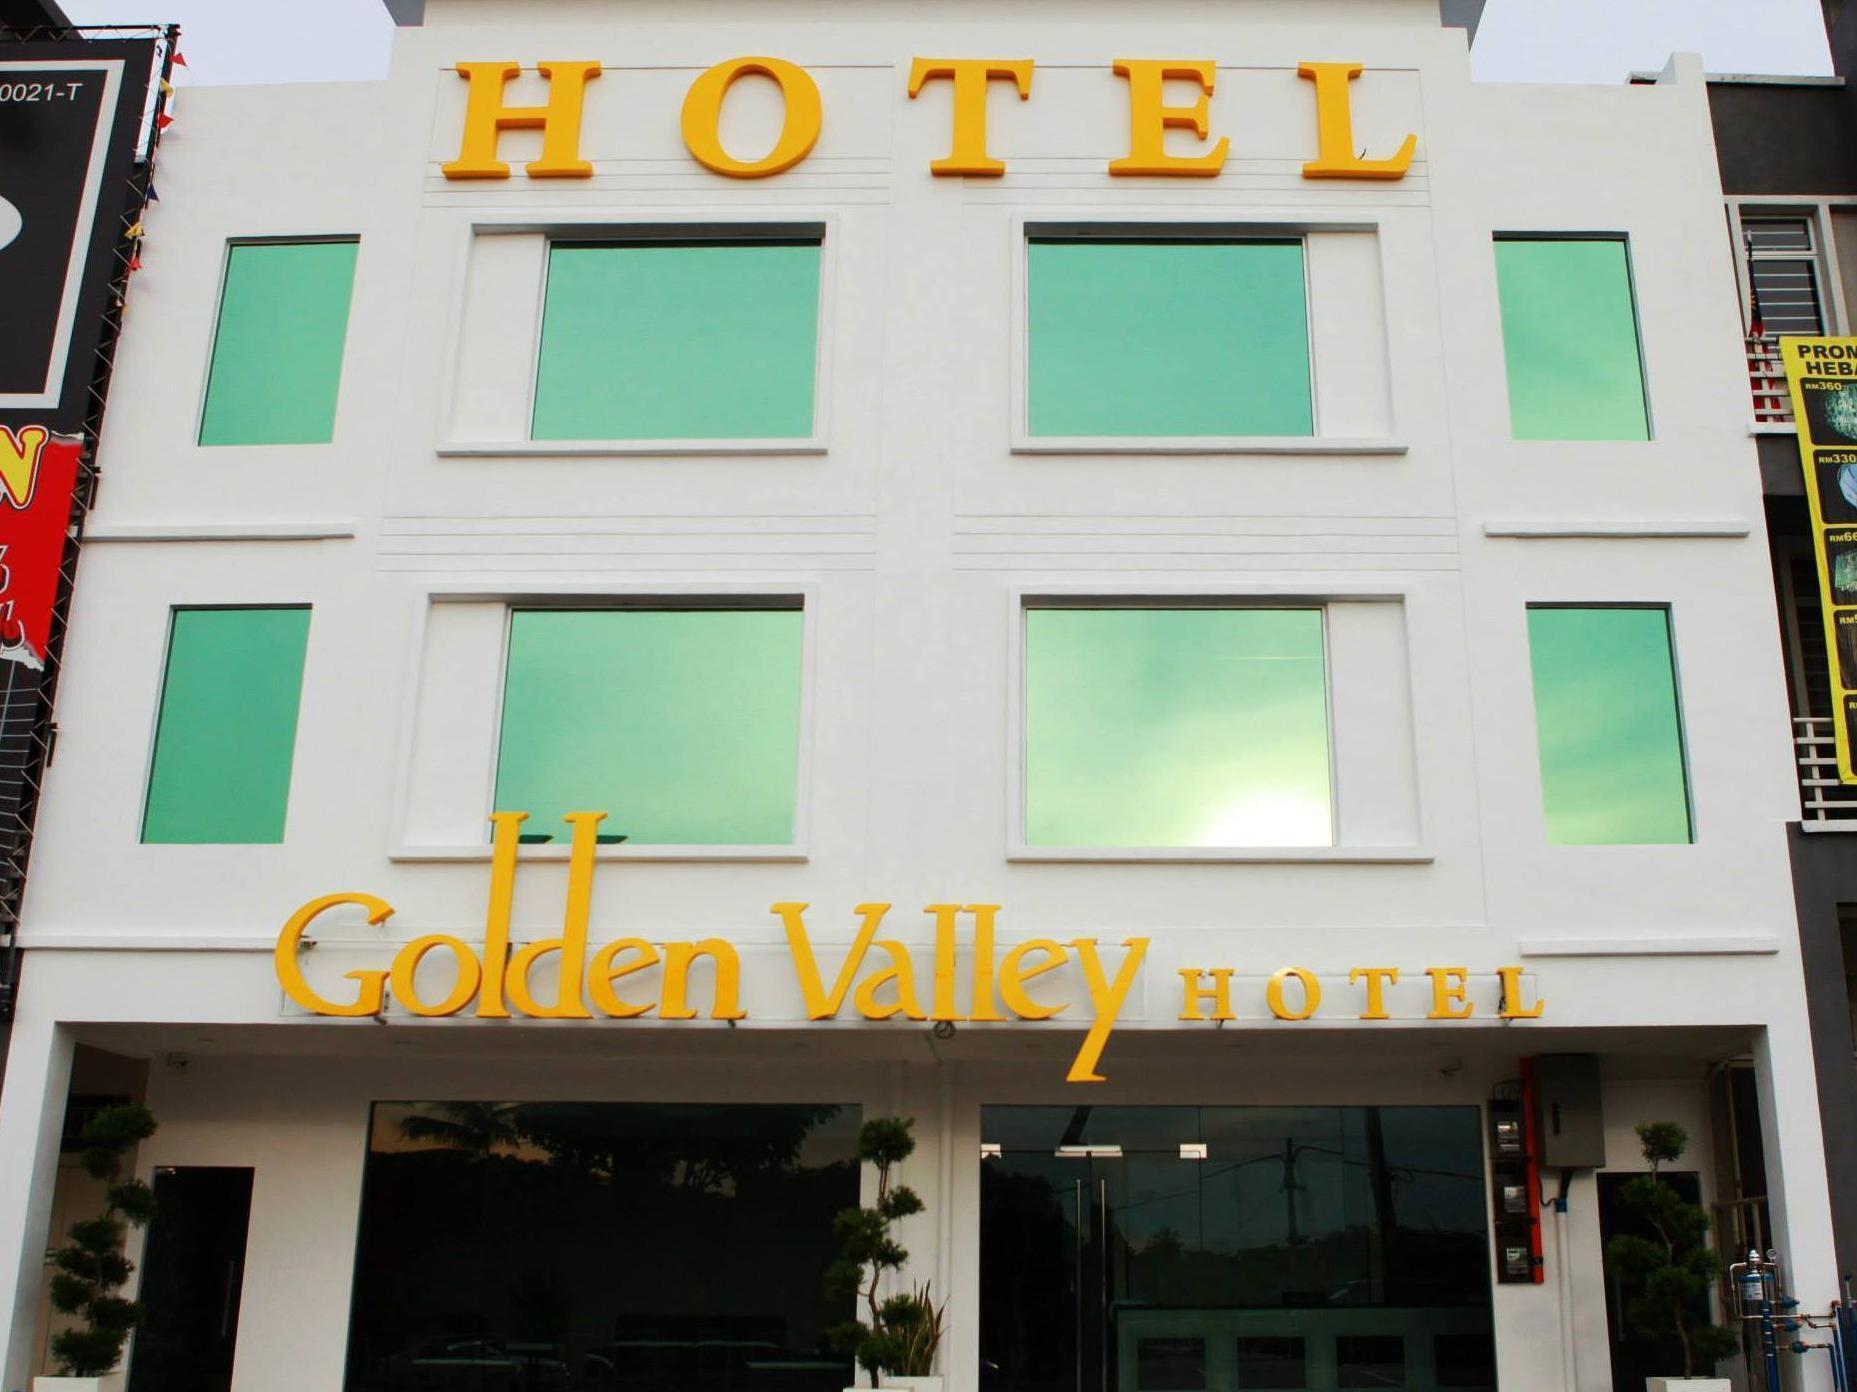 Golden Valley Hotel